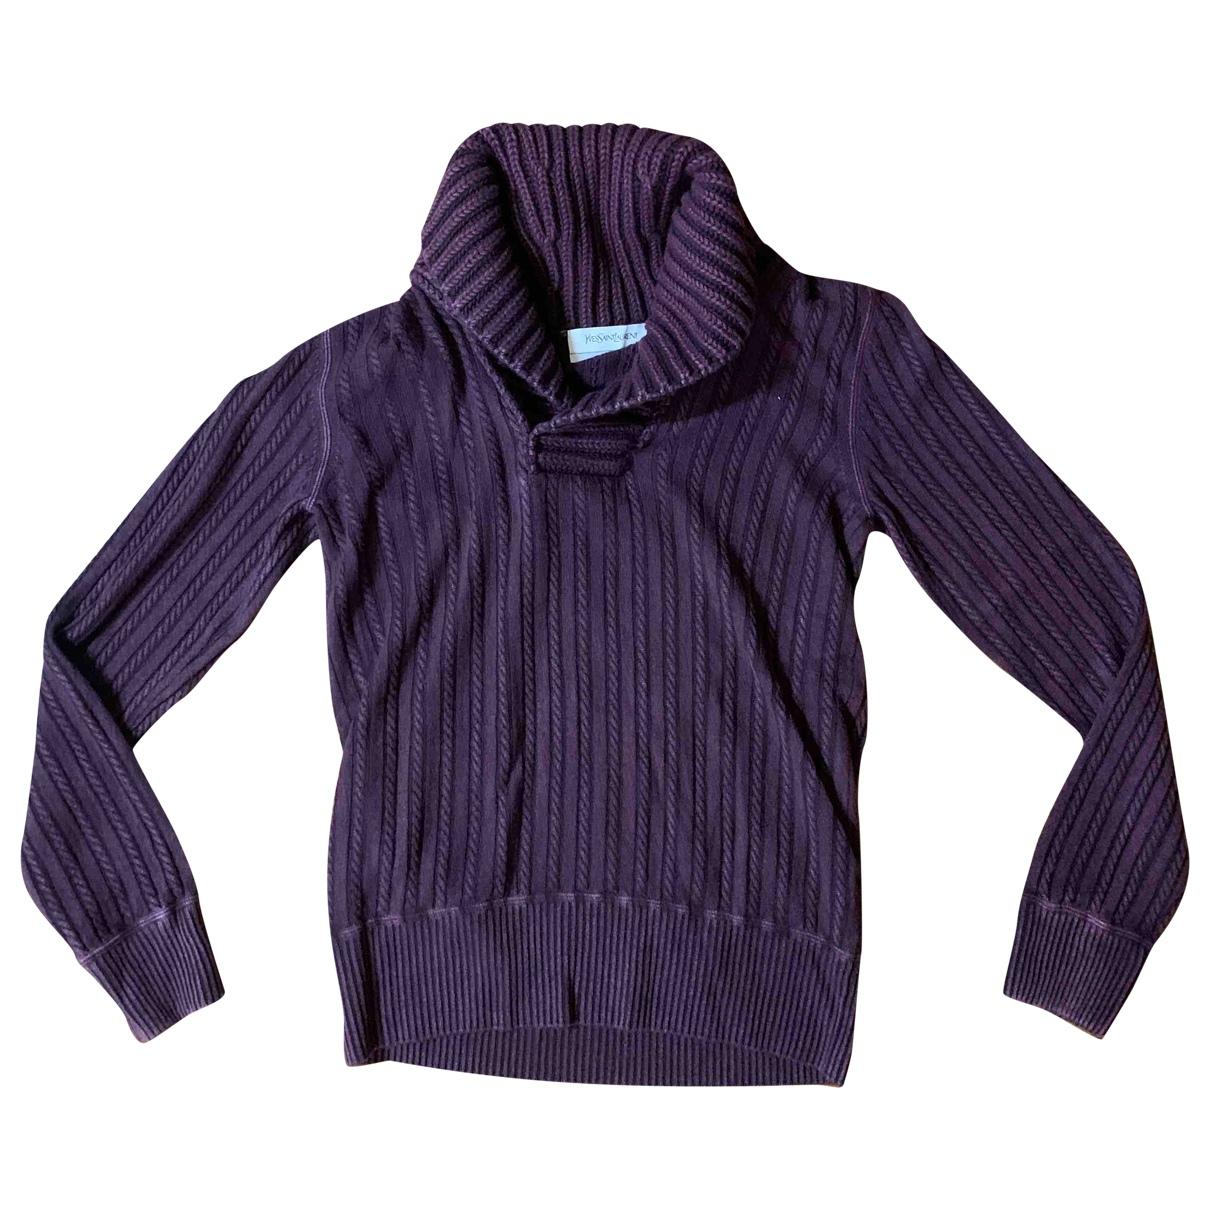 Yves Saint Laurent - Pull   pour femme en cachemire - violet